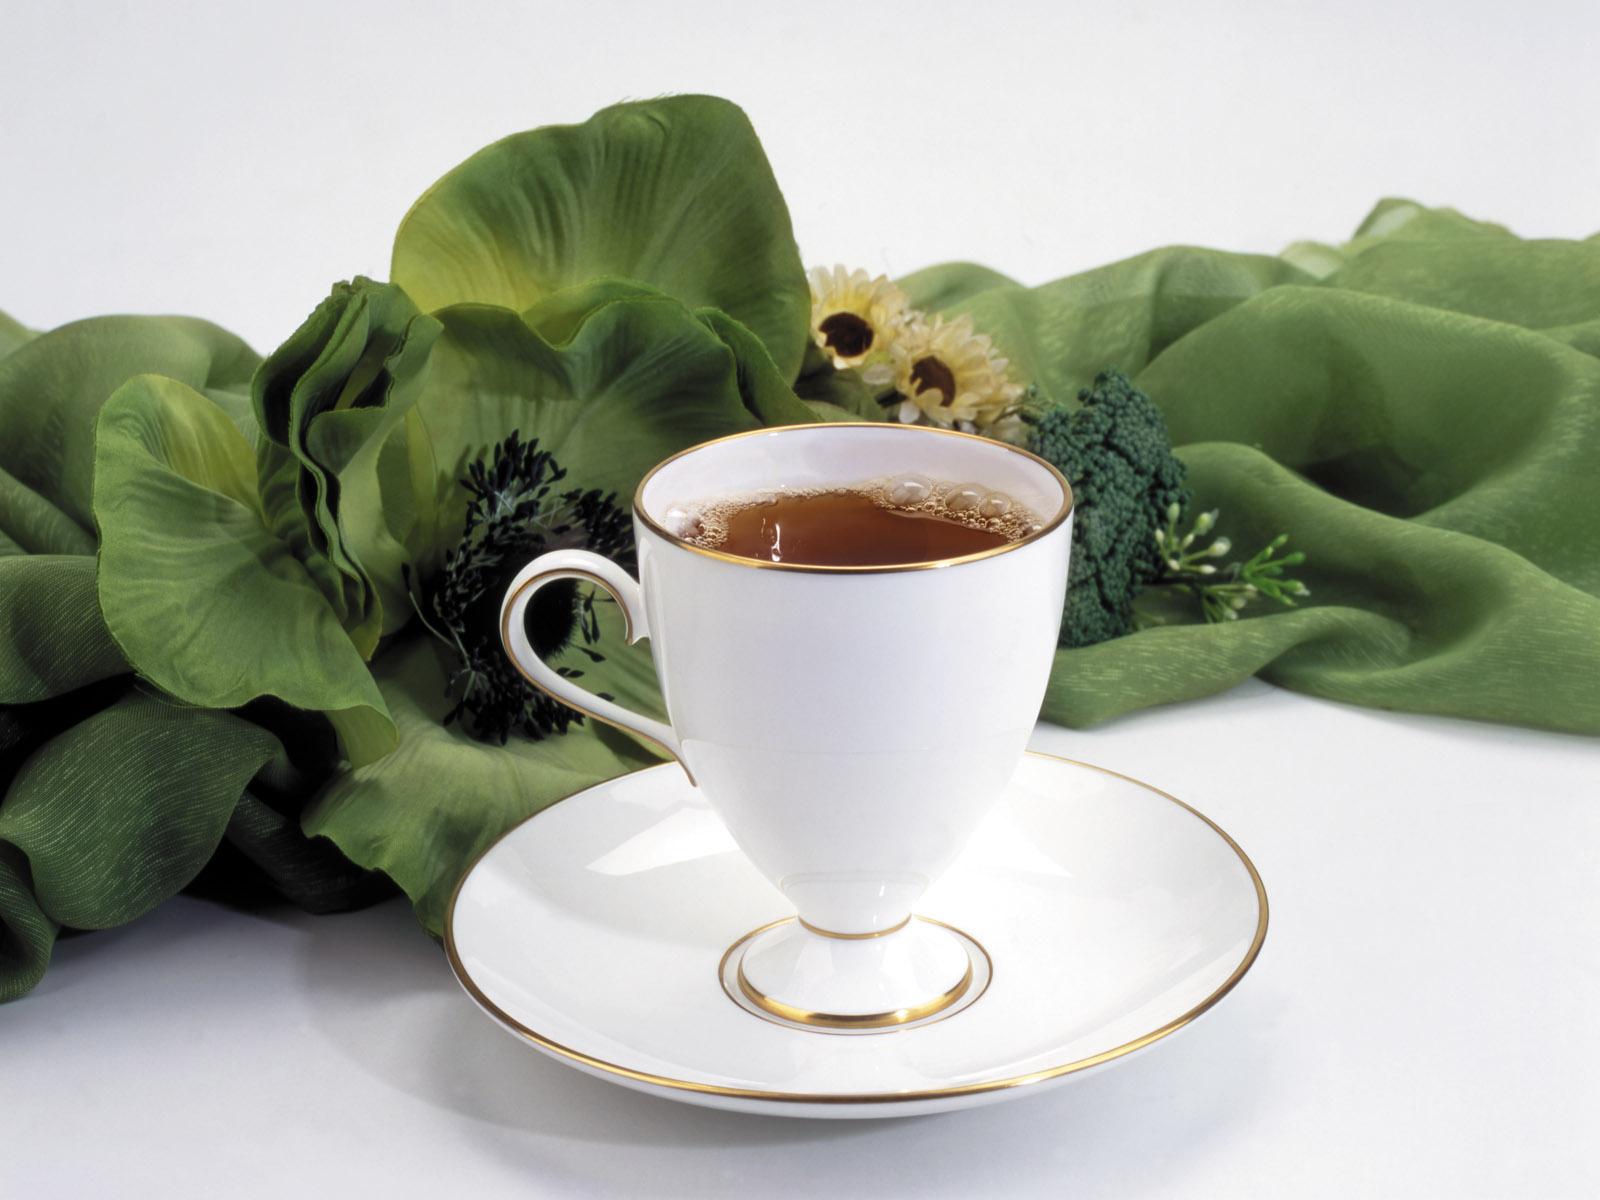 壁纸1600×1200茶艺 2 18壁纸 茶艺壁纸图片美食壁纸美食图片素材桌面壁纸